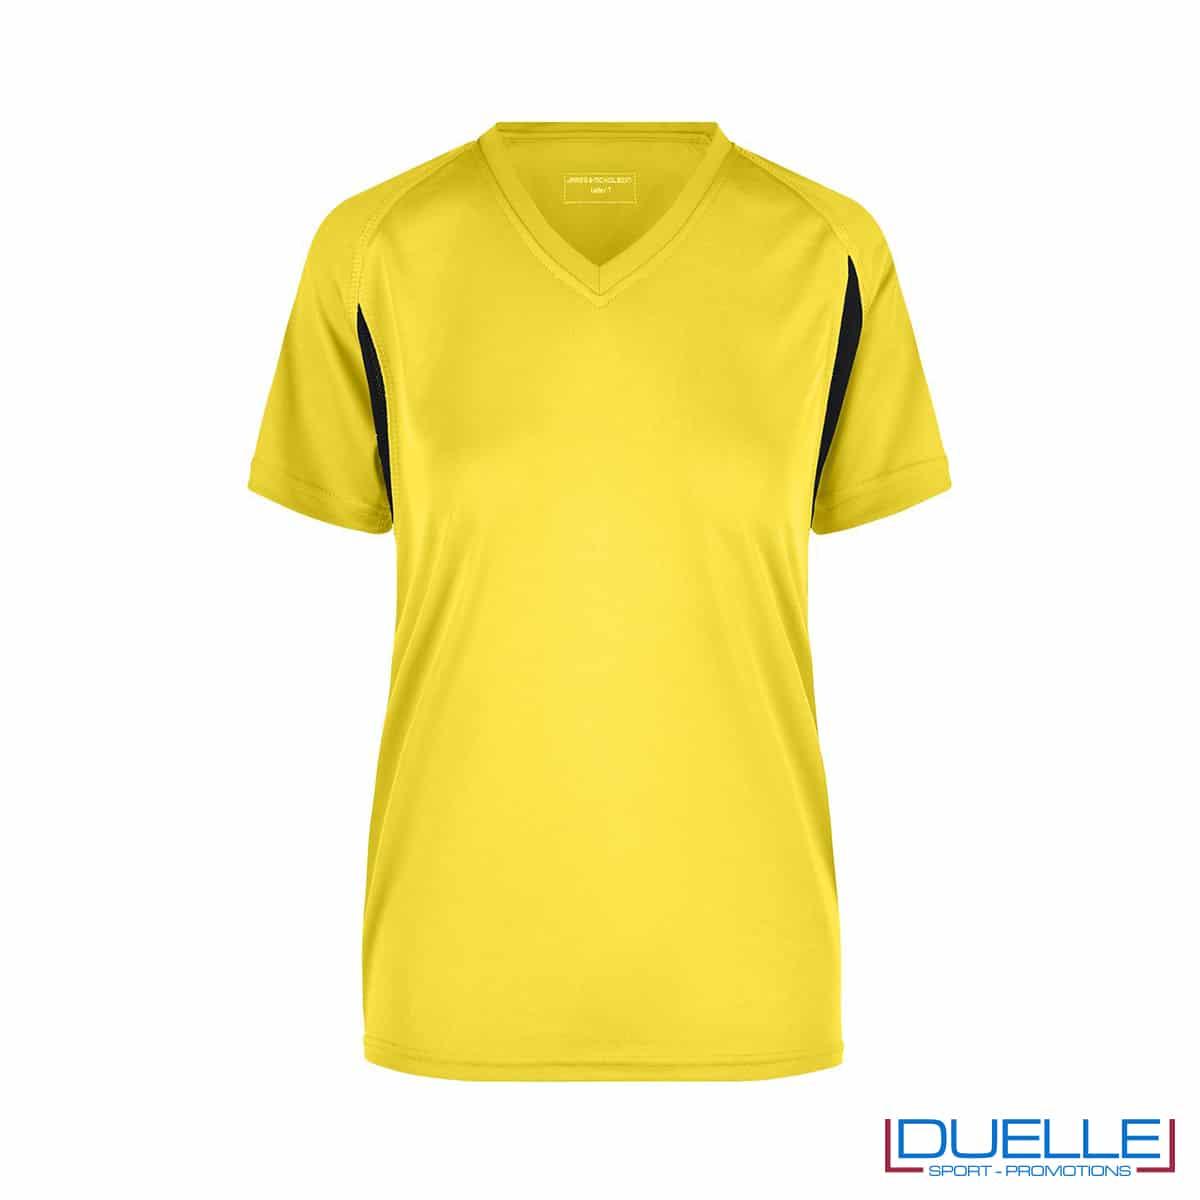 T-shirt running donna personalizzata colore giallo-nero